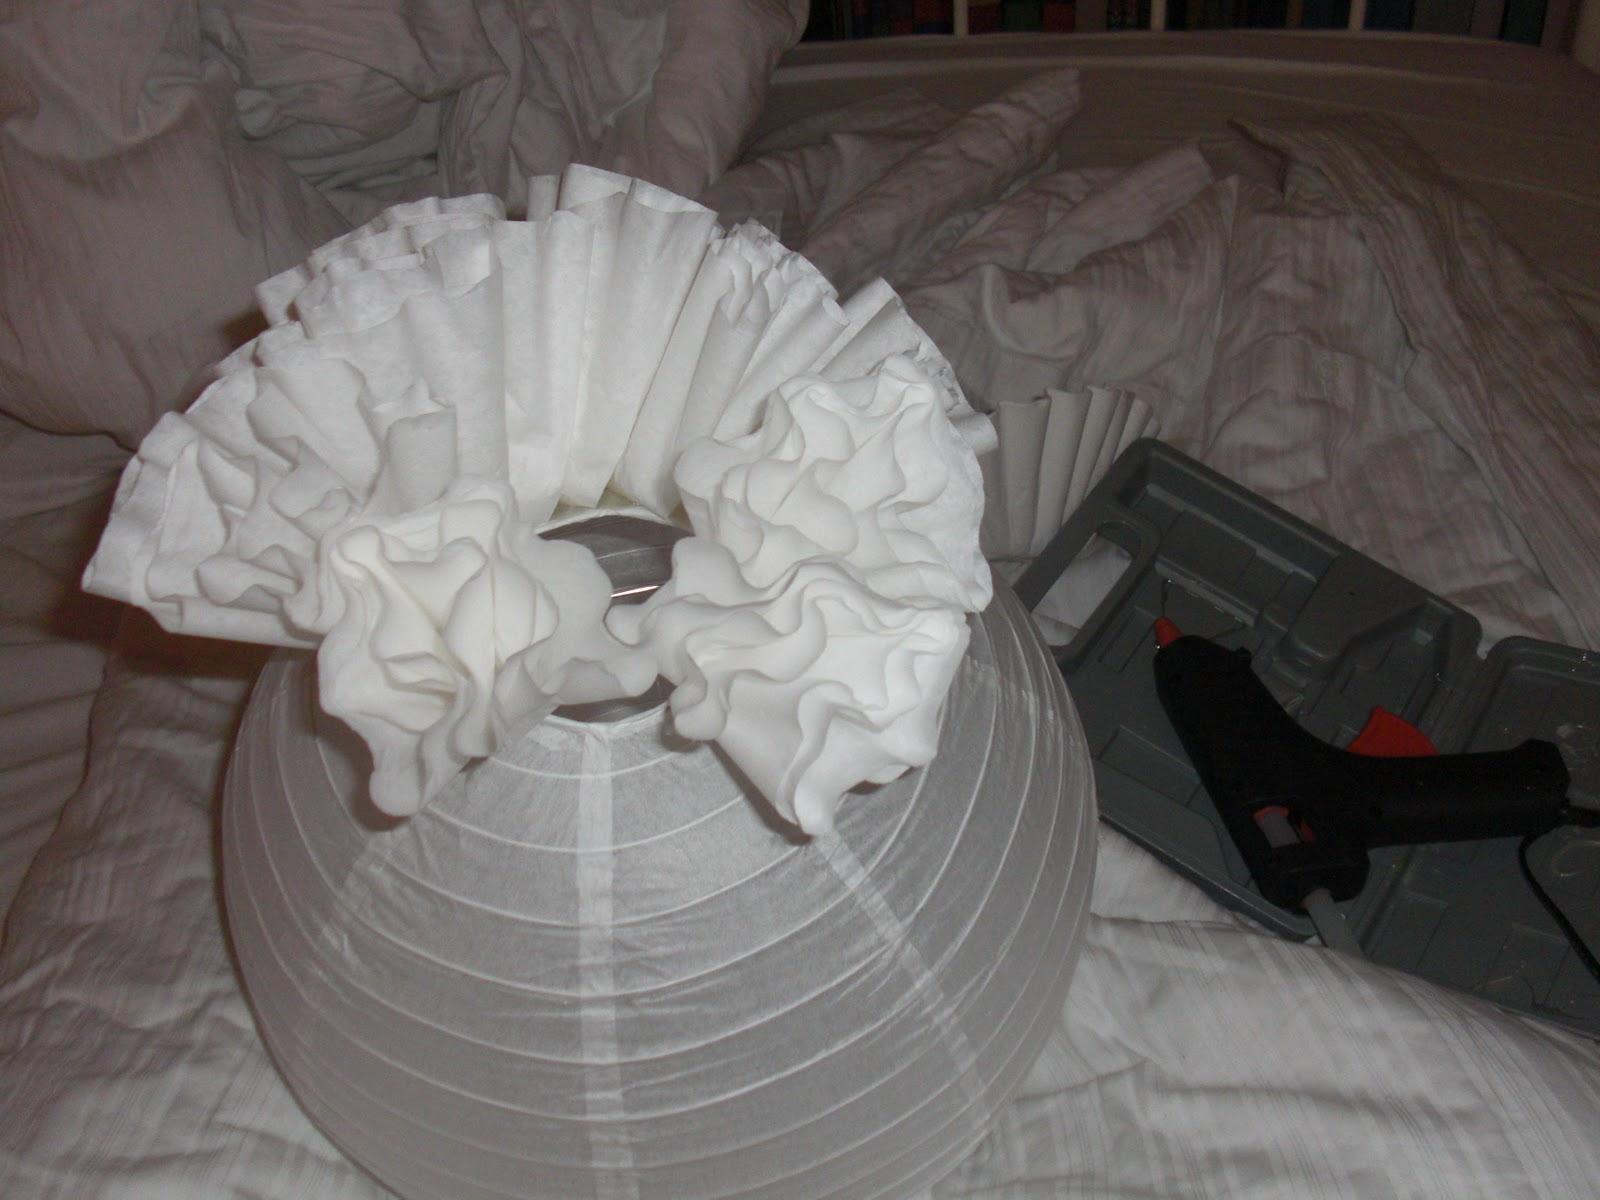 Lampe Für Schlafzimmer | Unavidasencilla.com Schlafzimmer Lampe